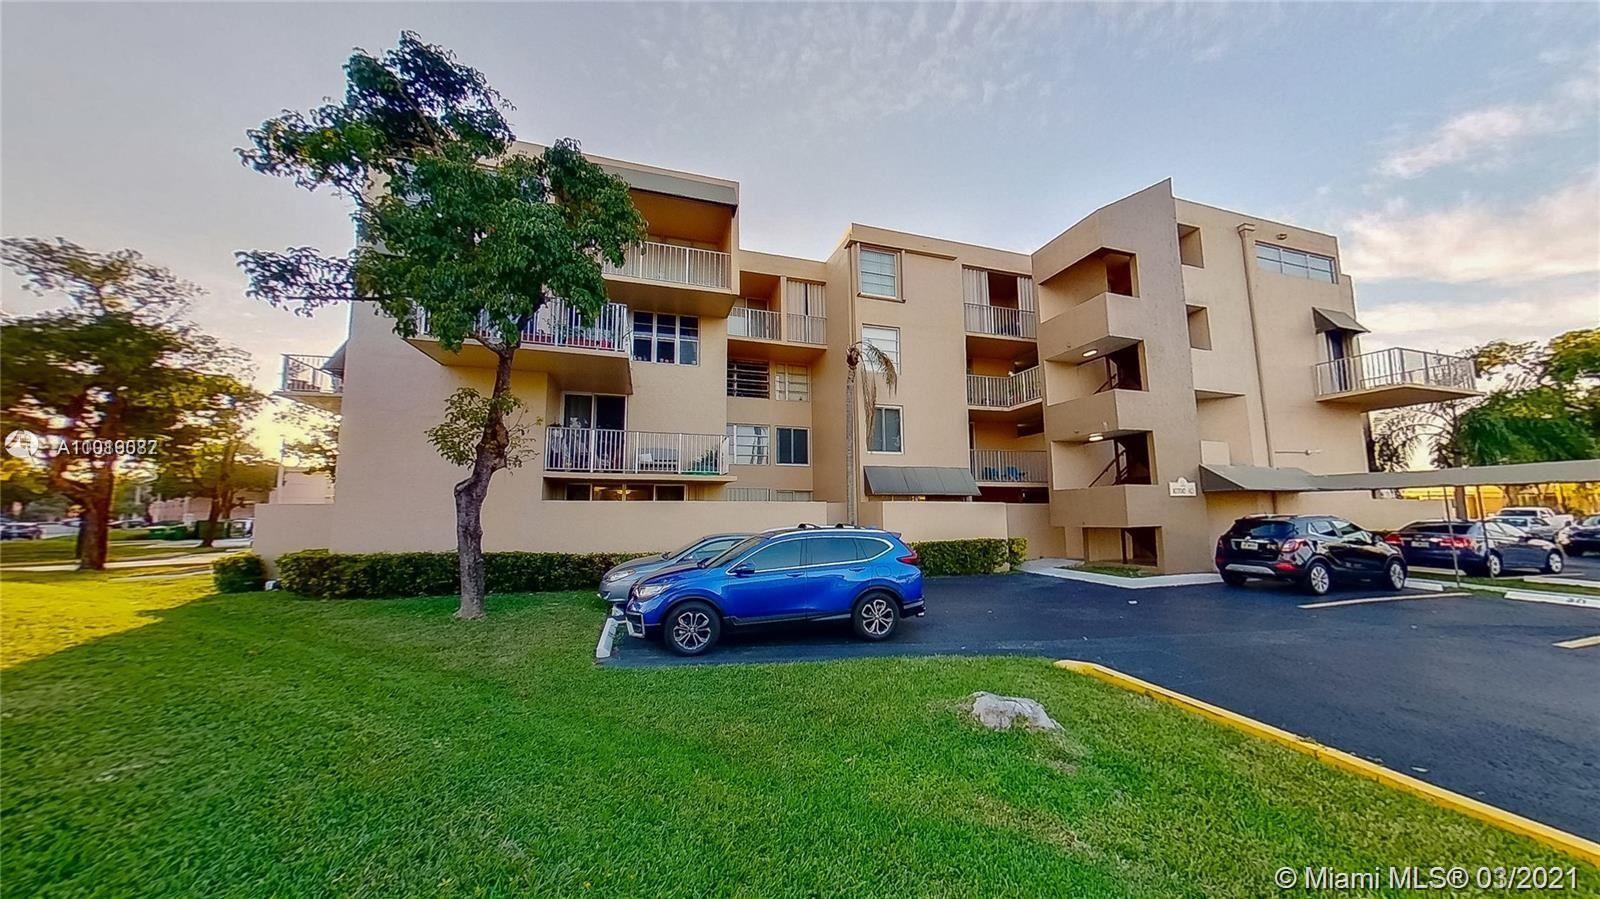 10700 SW 108th Ave #C413, Miami, FL 33176 - #: A11019087